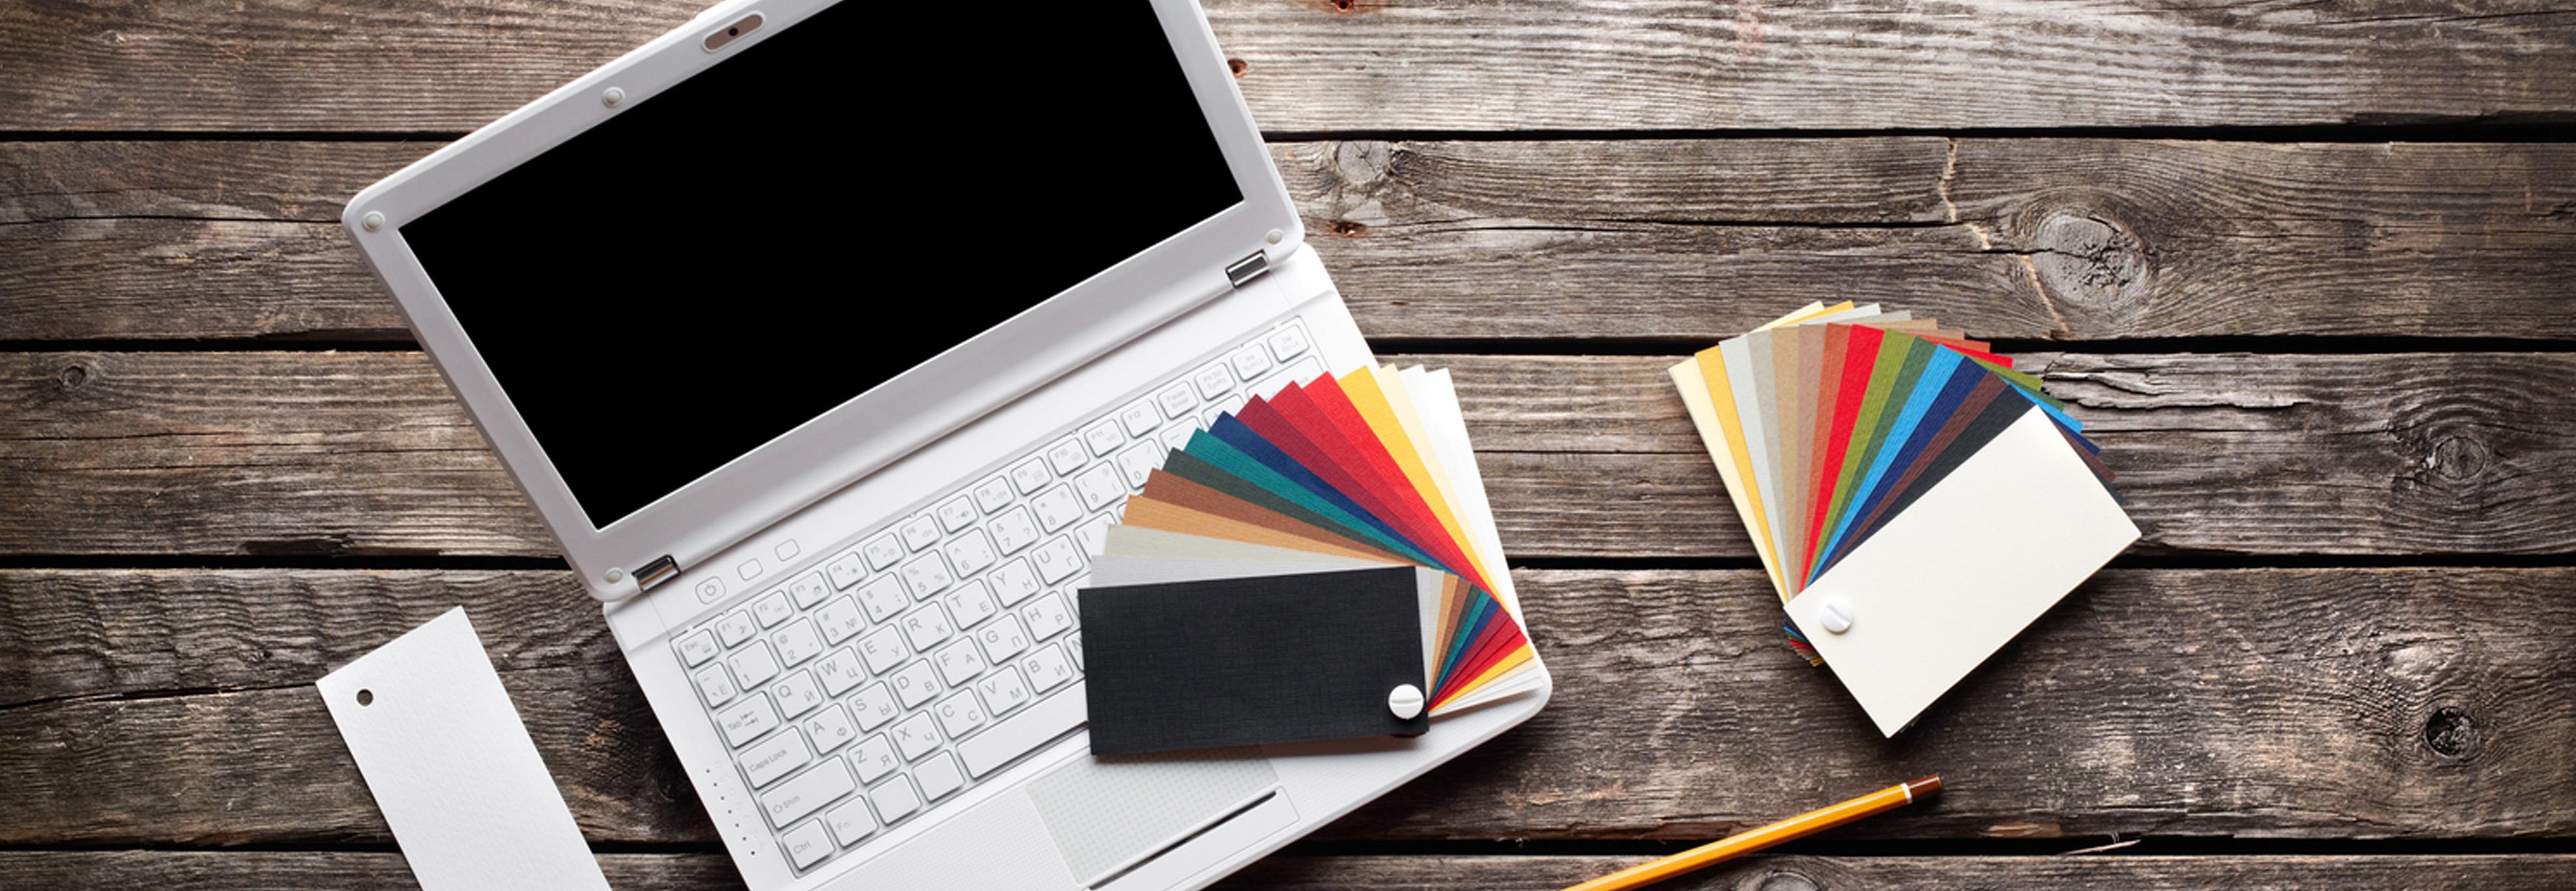 Printec Printing Artwork Guidelines